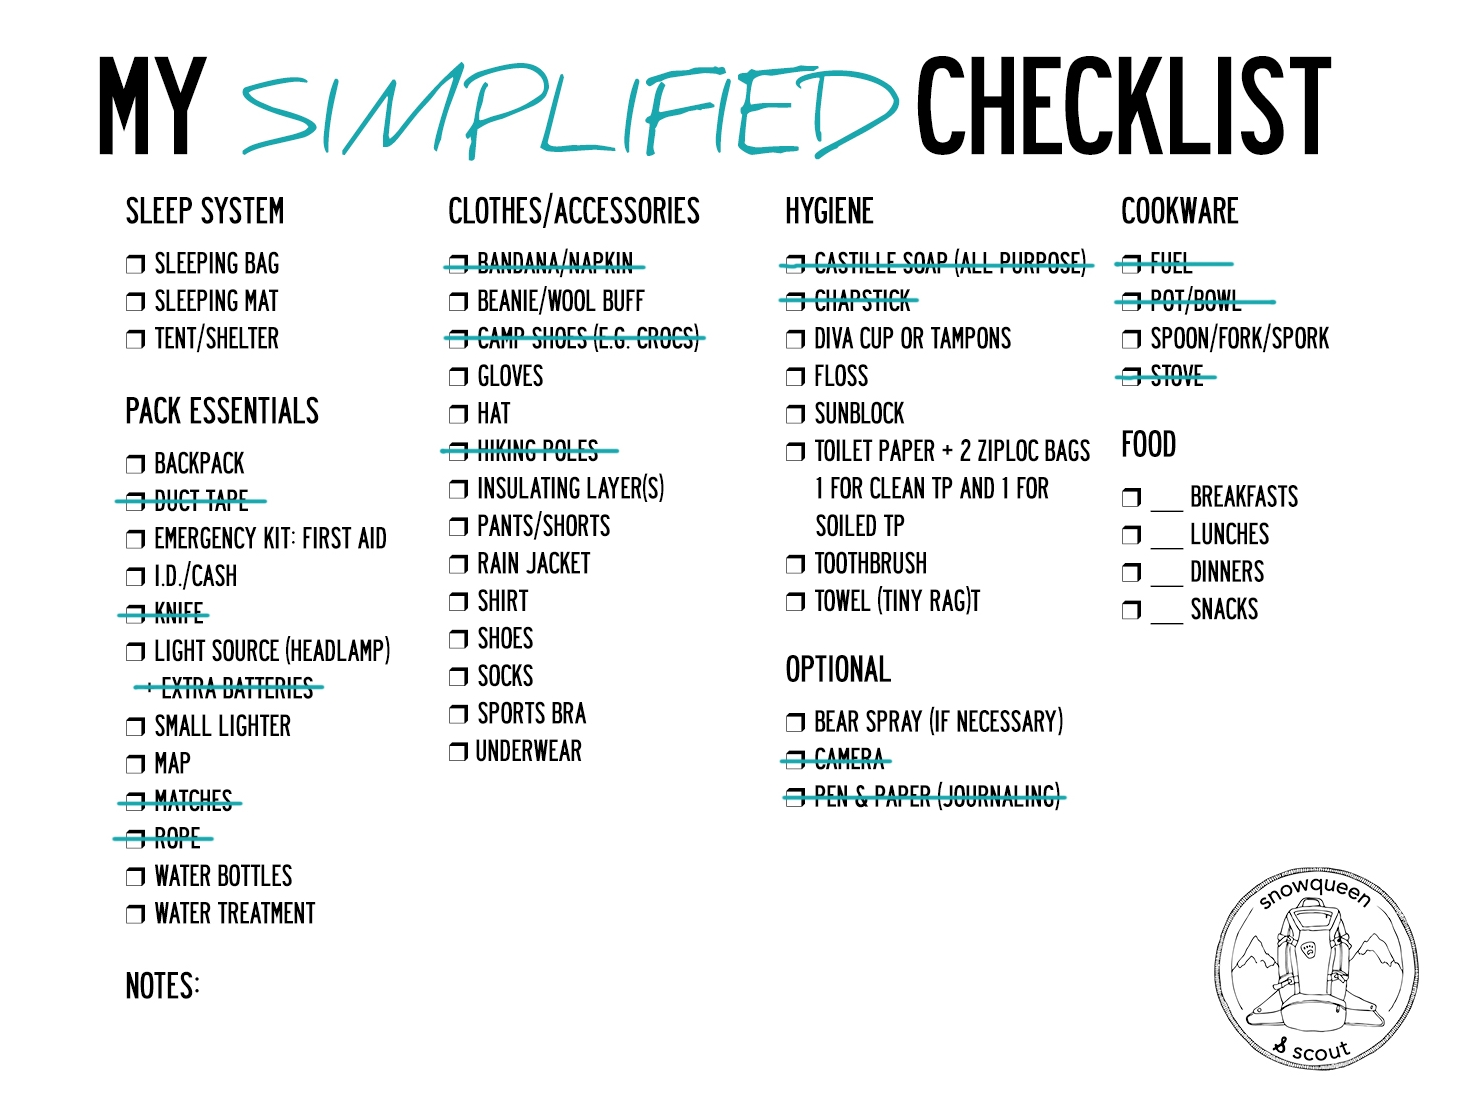 GearChecklist_Simplified.jpg